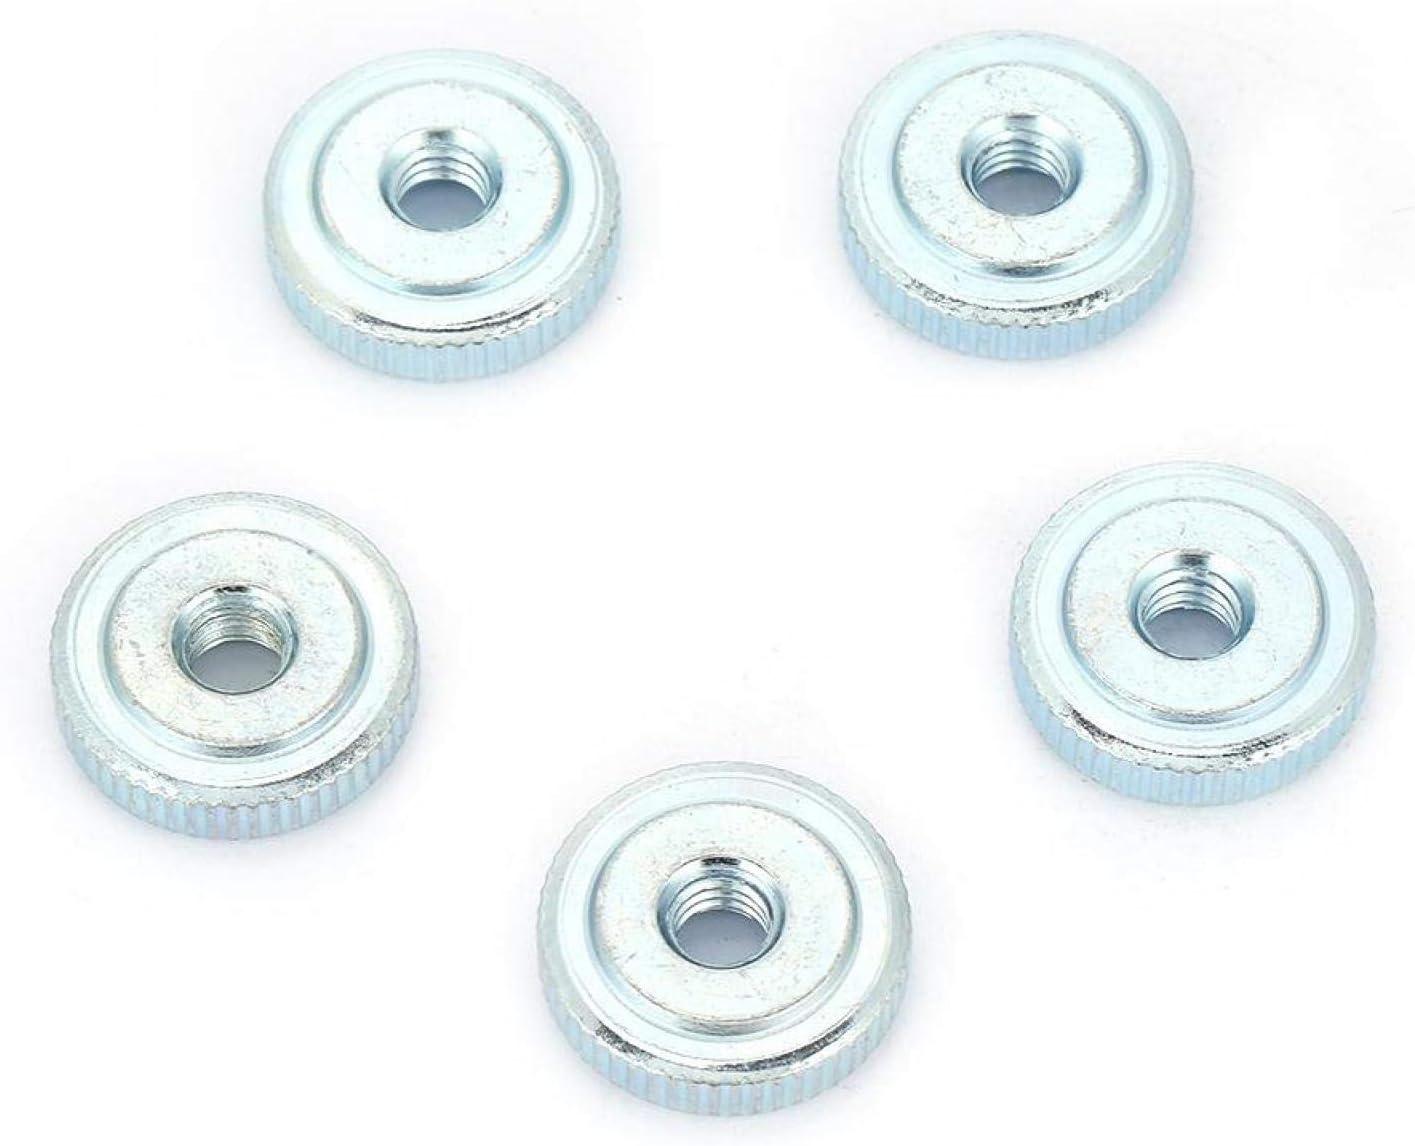 Knurled Thumb Nut 2021 model 10Pcs GB807 Zinc shipfree Carbon Plated Steel